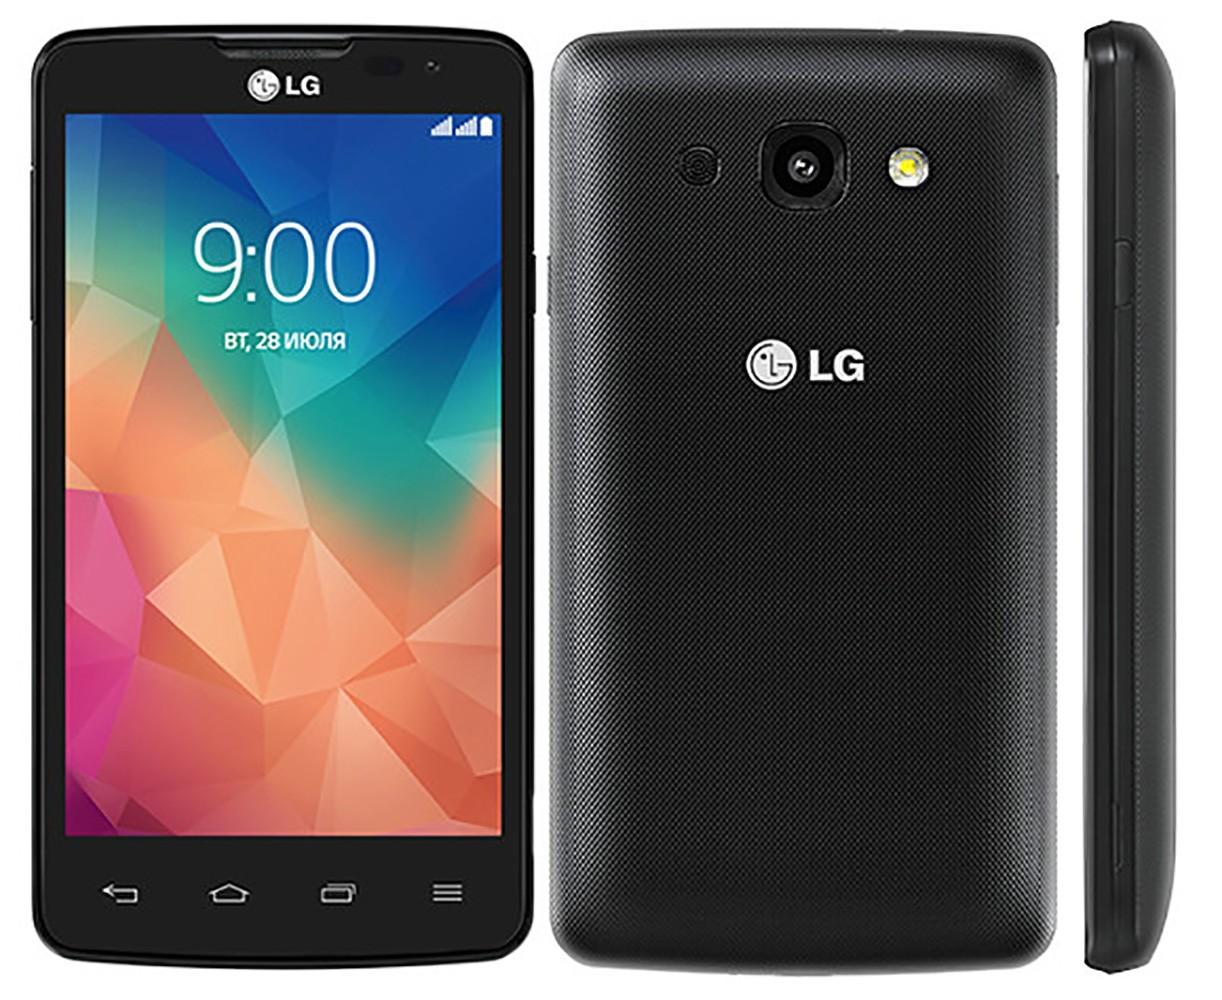 image0019 - L60 giá rẻ của LG được ra mắt tại Nga